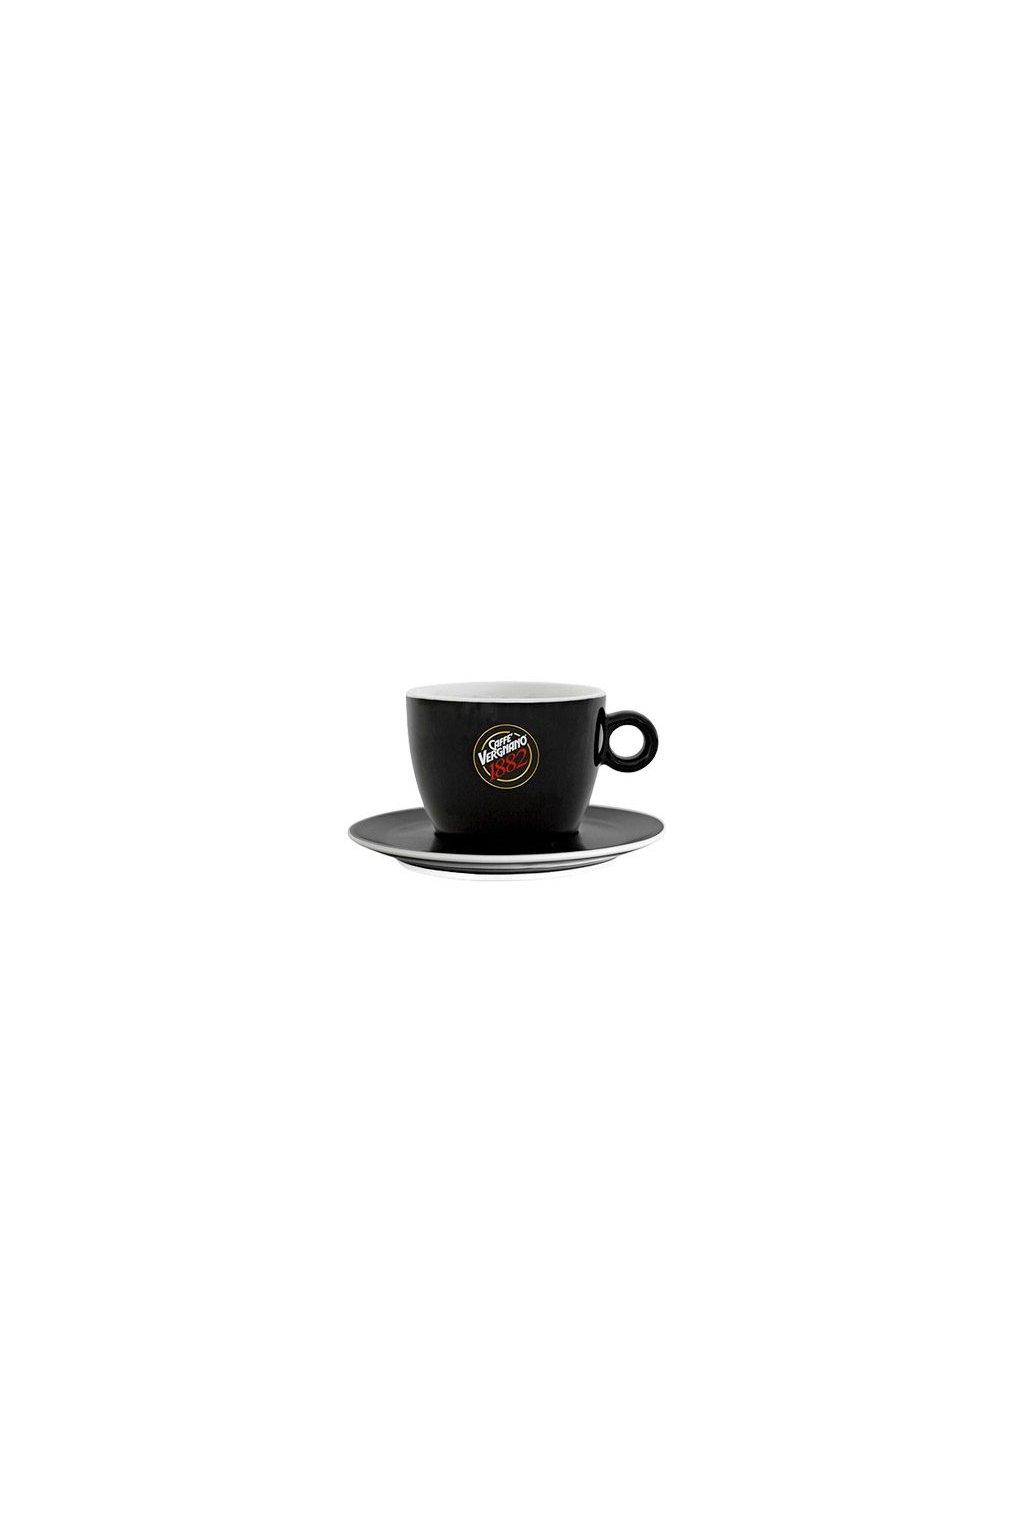 linea 1882 tazza cioccolata e1493732605296